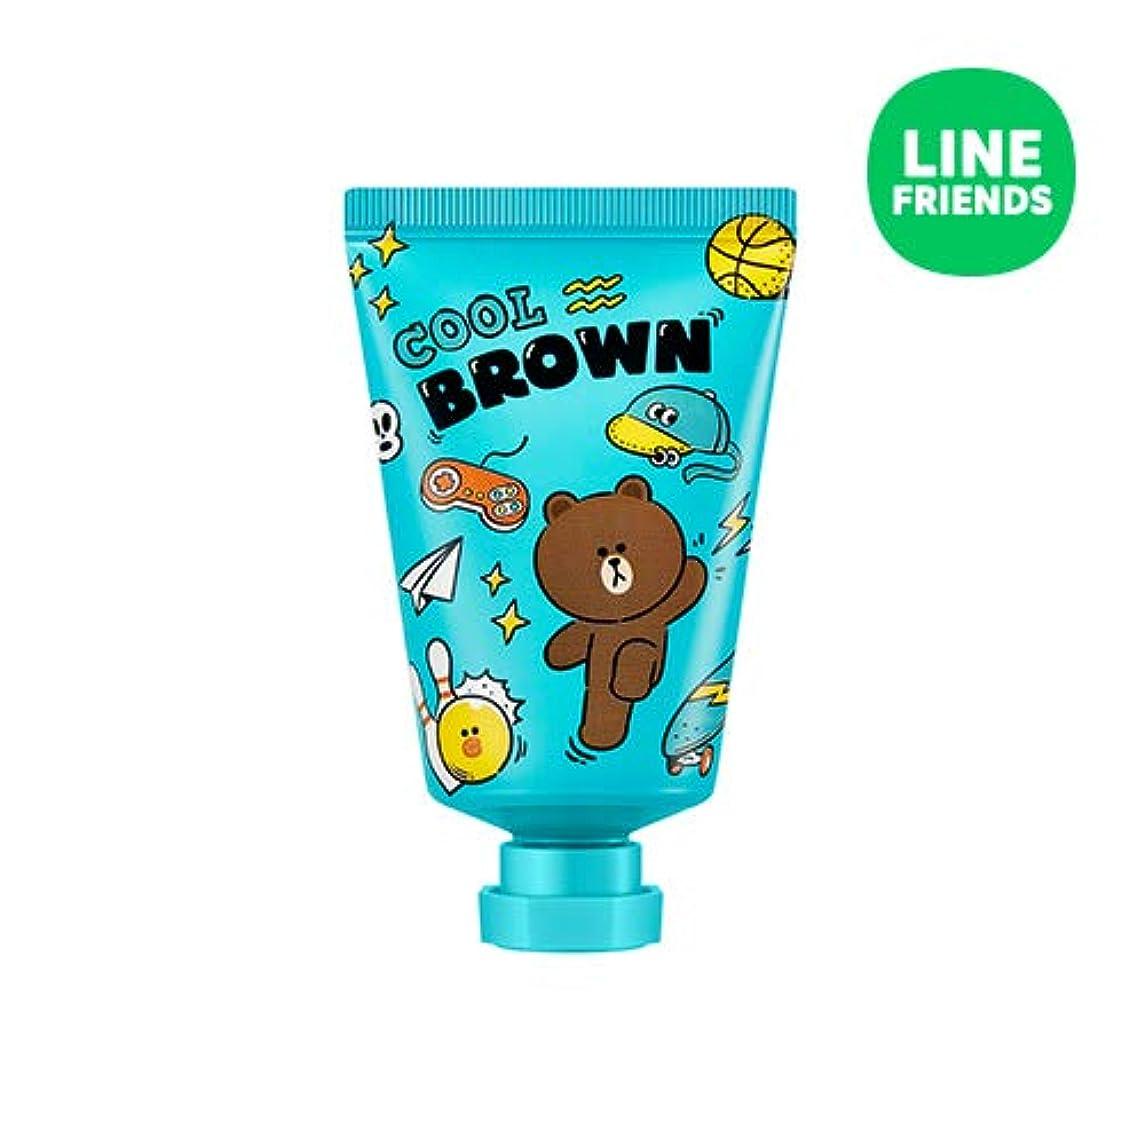 新着穿孔する祖父母を訪問ミシャ(ラインフレンズ)ラブシークレットハンドクリーム 30ml MISSHA [Line Friends Edition] Love Secret Hand Cream - Brown # Grapefruit [並行輸入品]